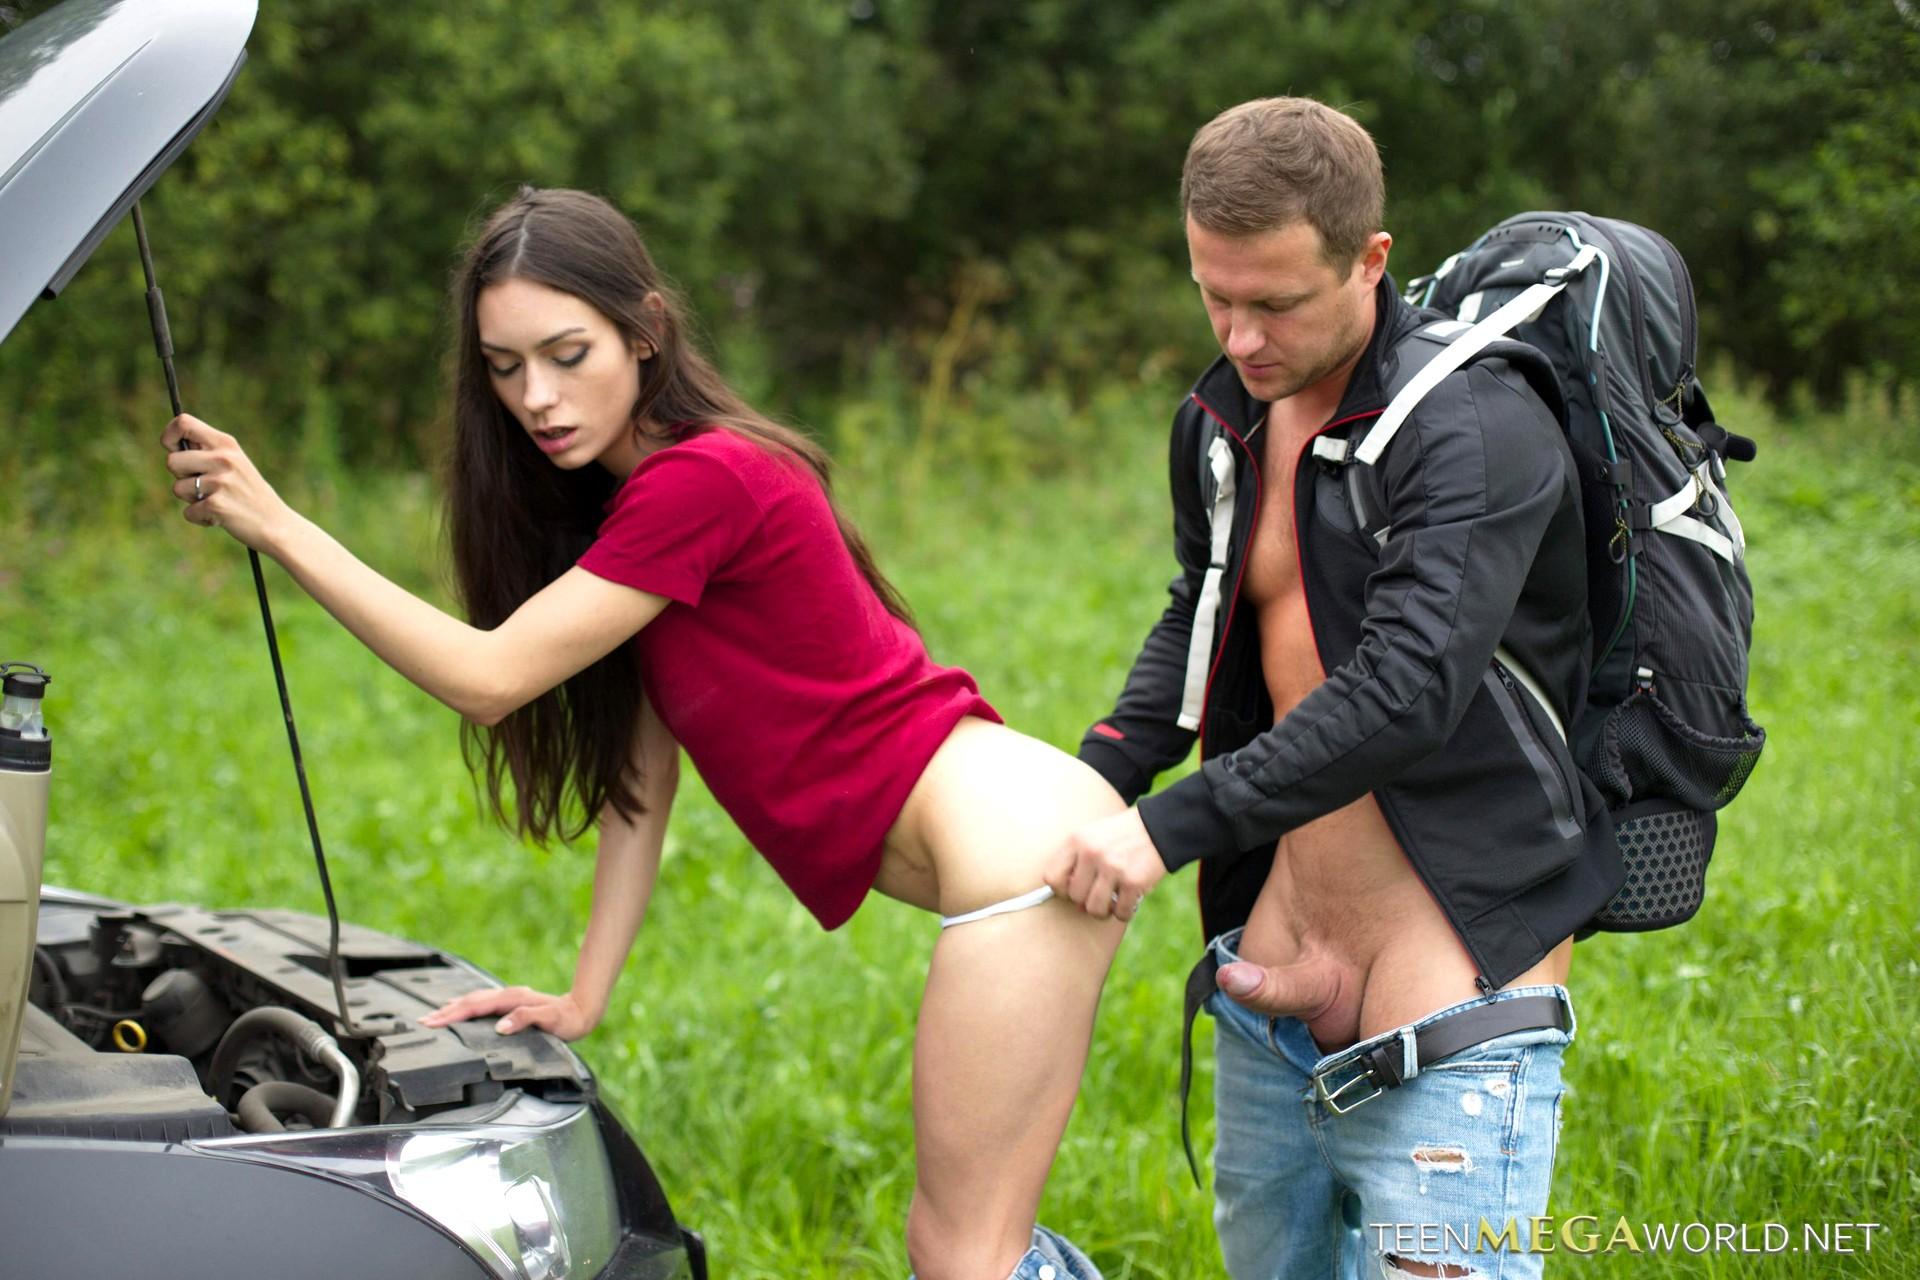 Приехал на заправку и трахнул, Мужик на заправке вдул девчонке за деньги смотреть 21 фотография